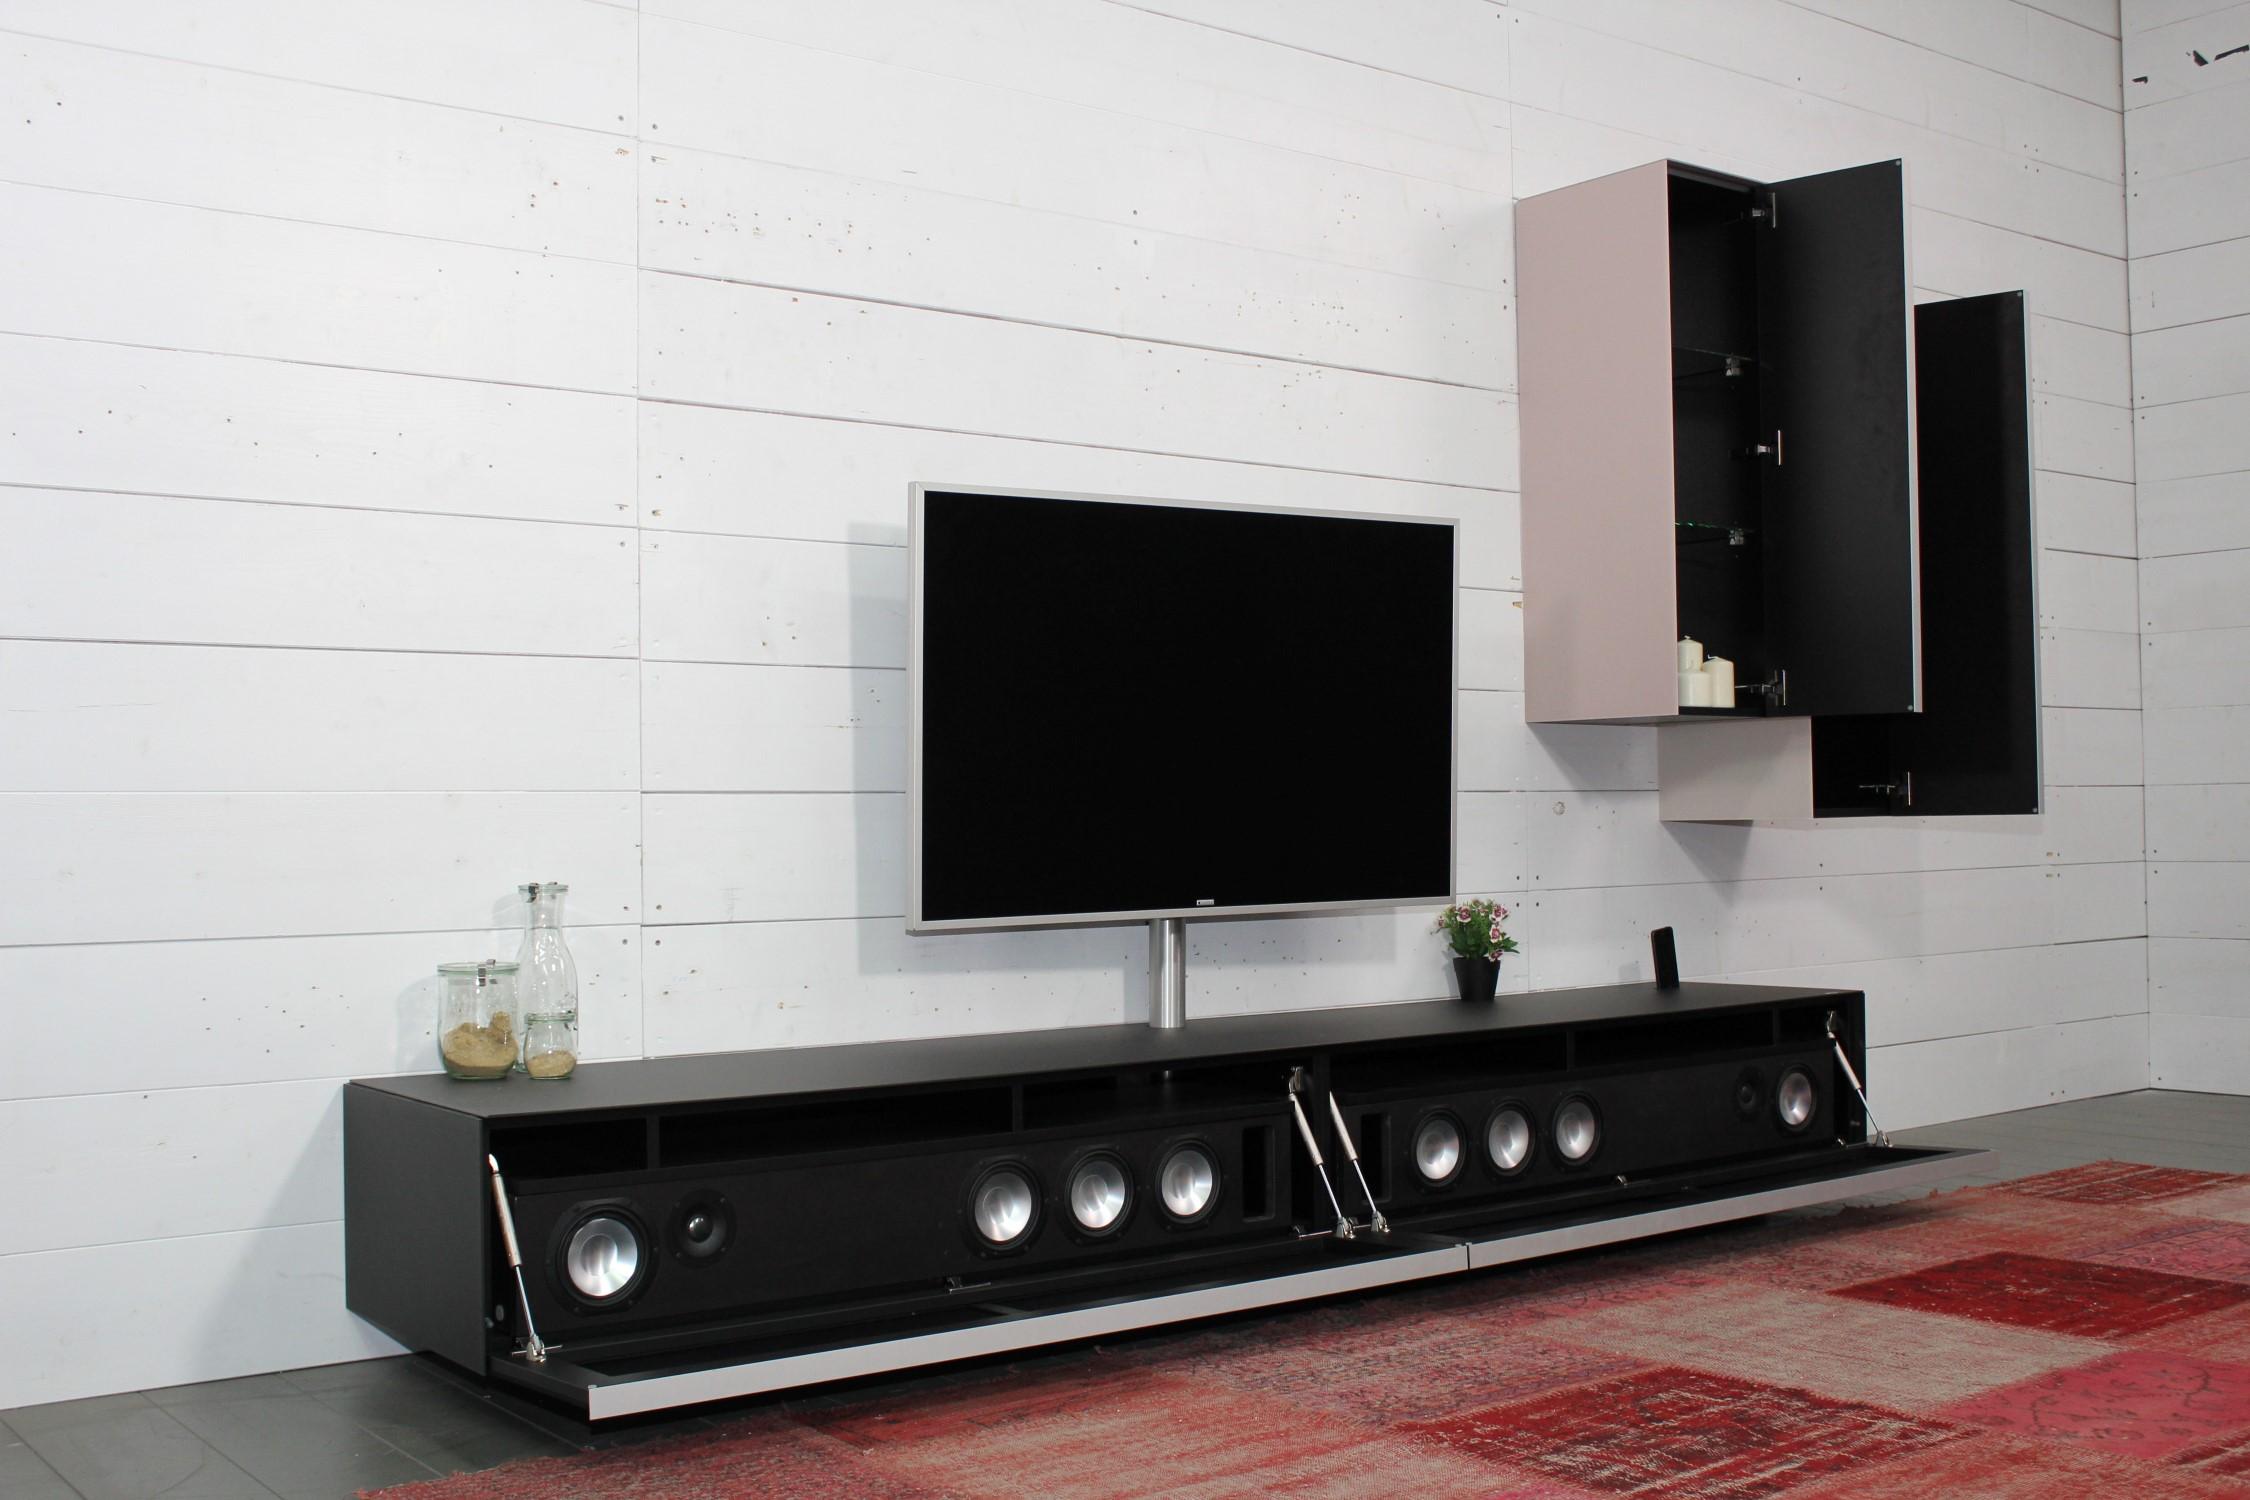 Lowboard mit VRA1 Soundsystem